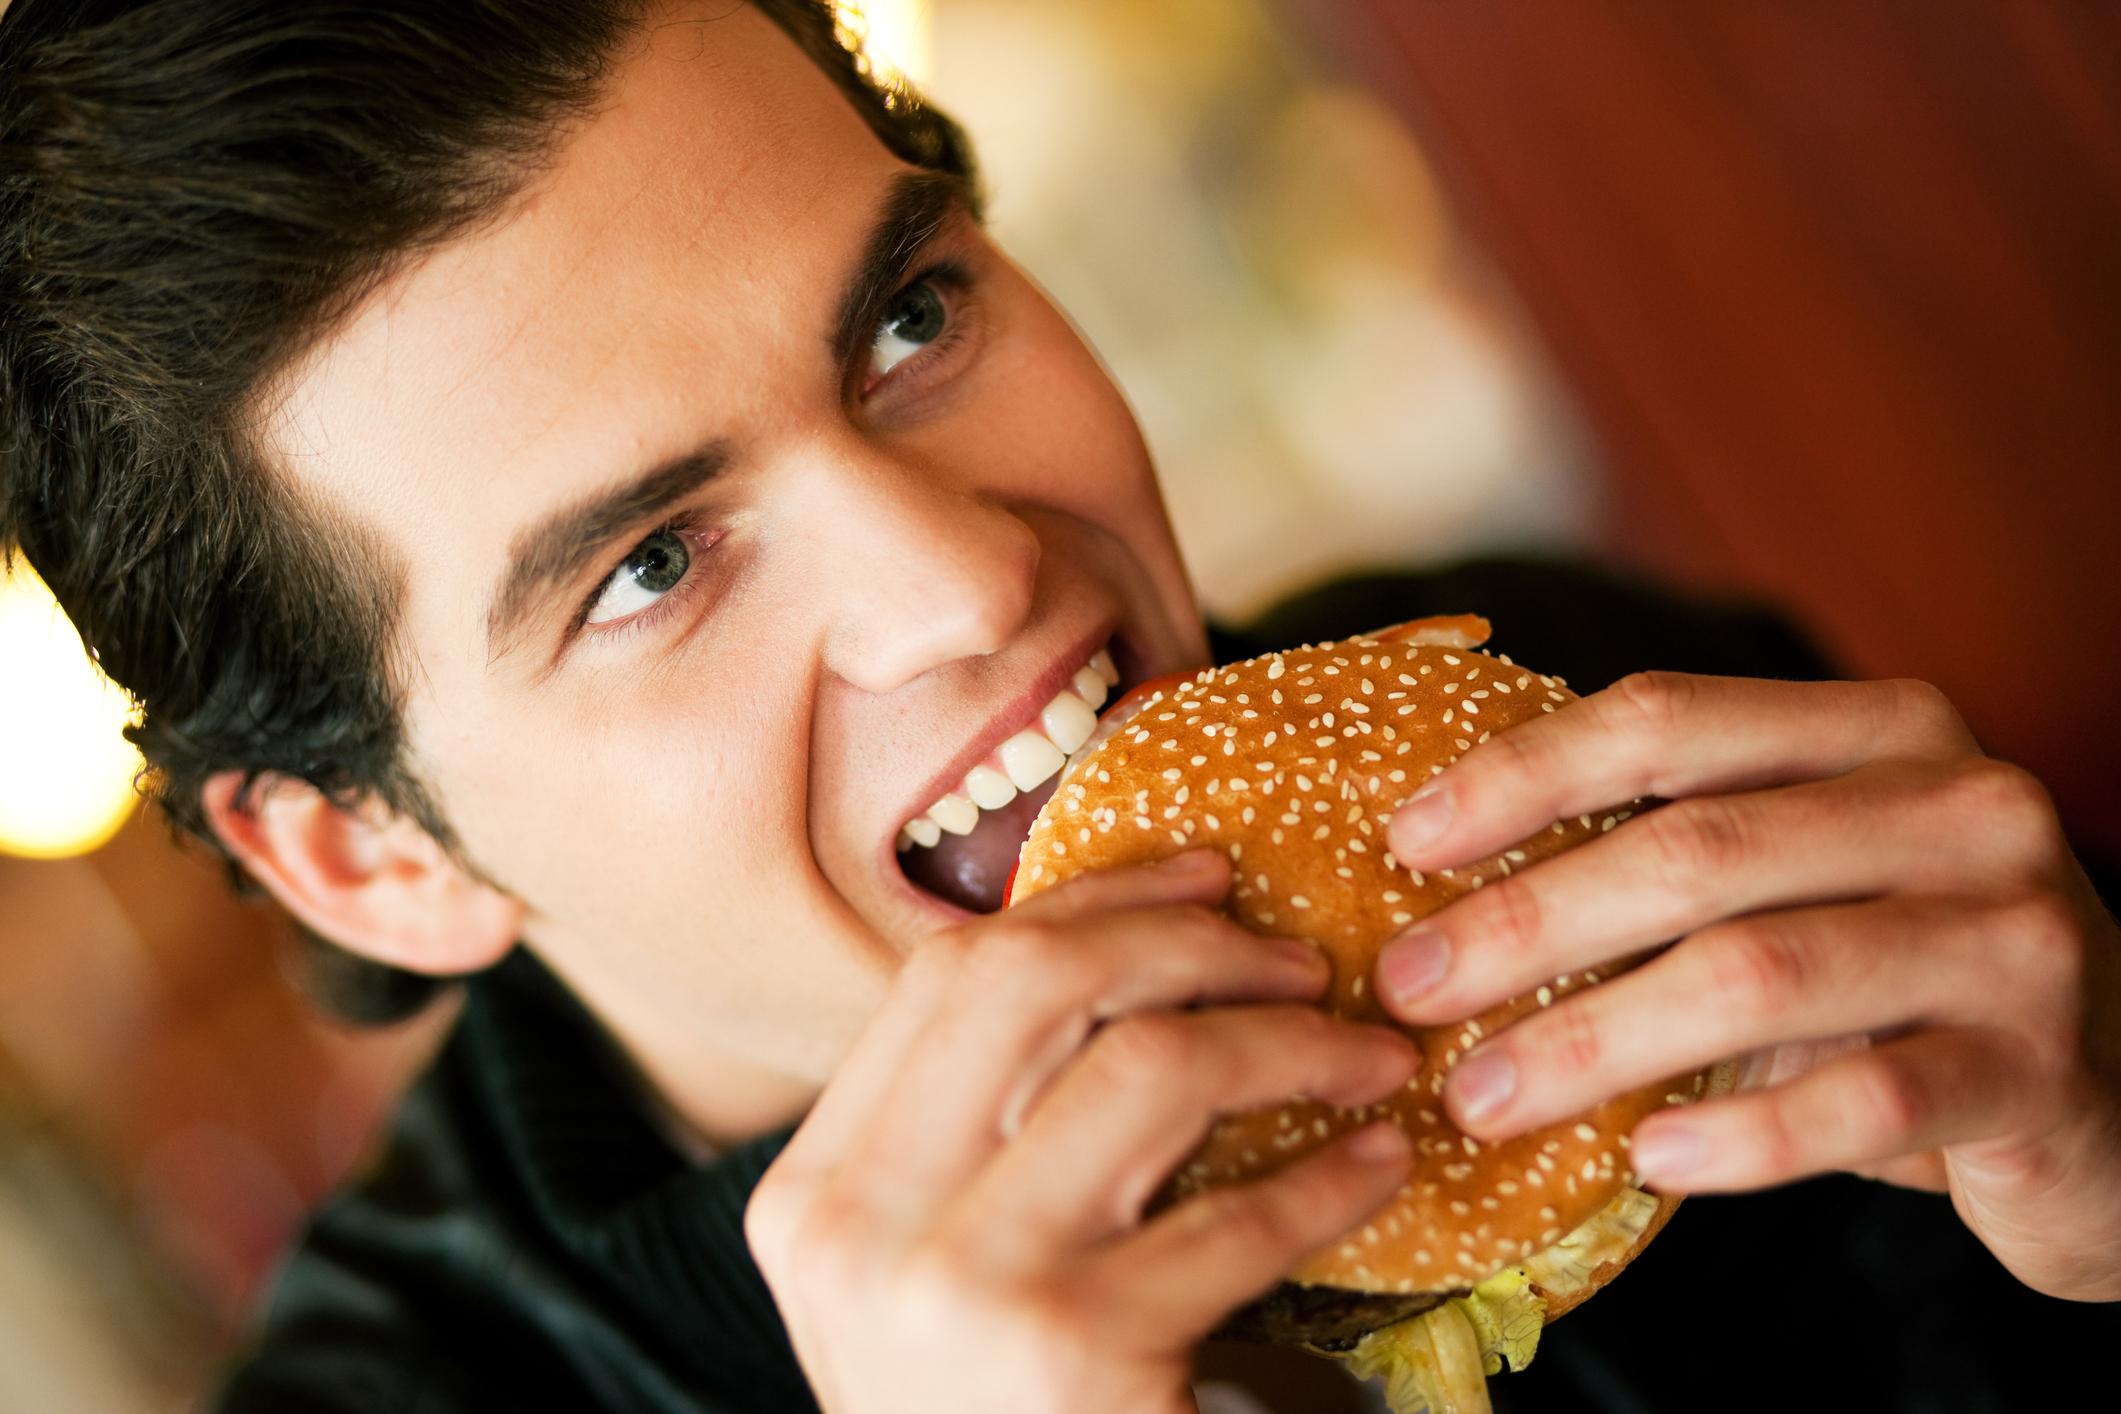 A man enjoys a burger.